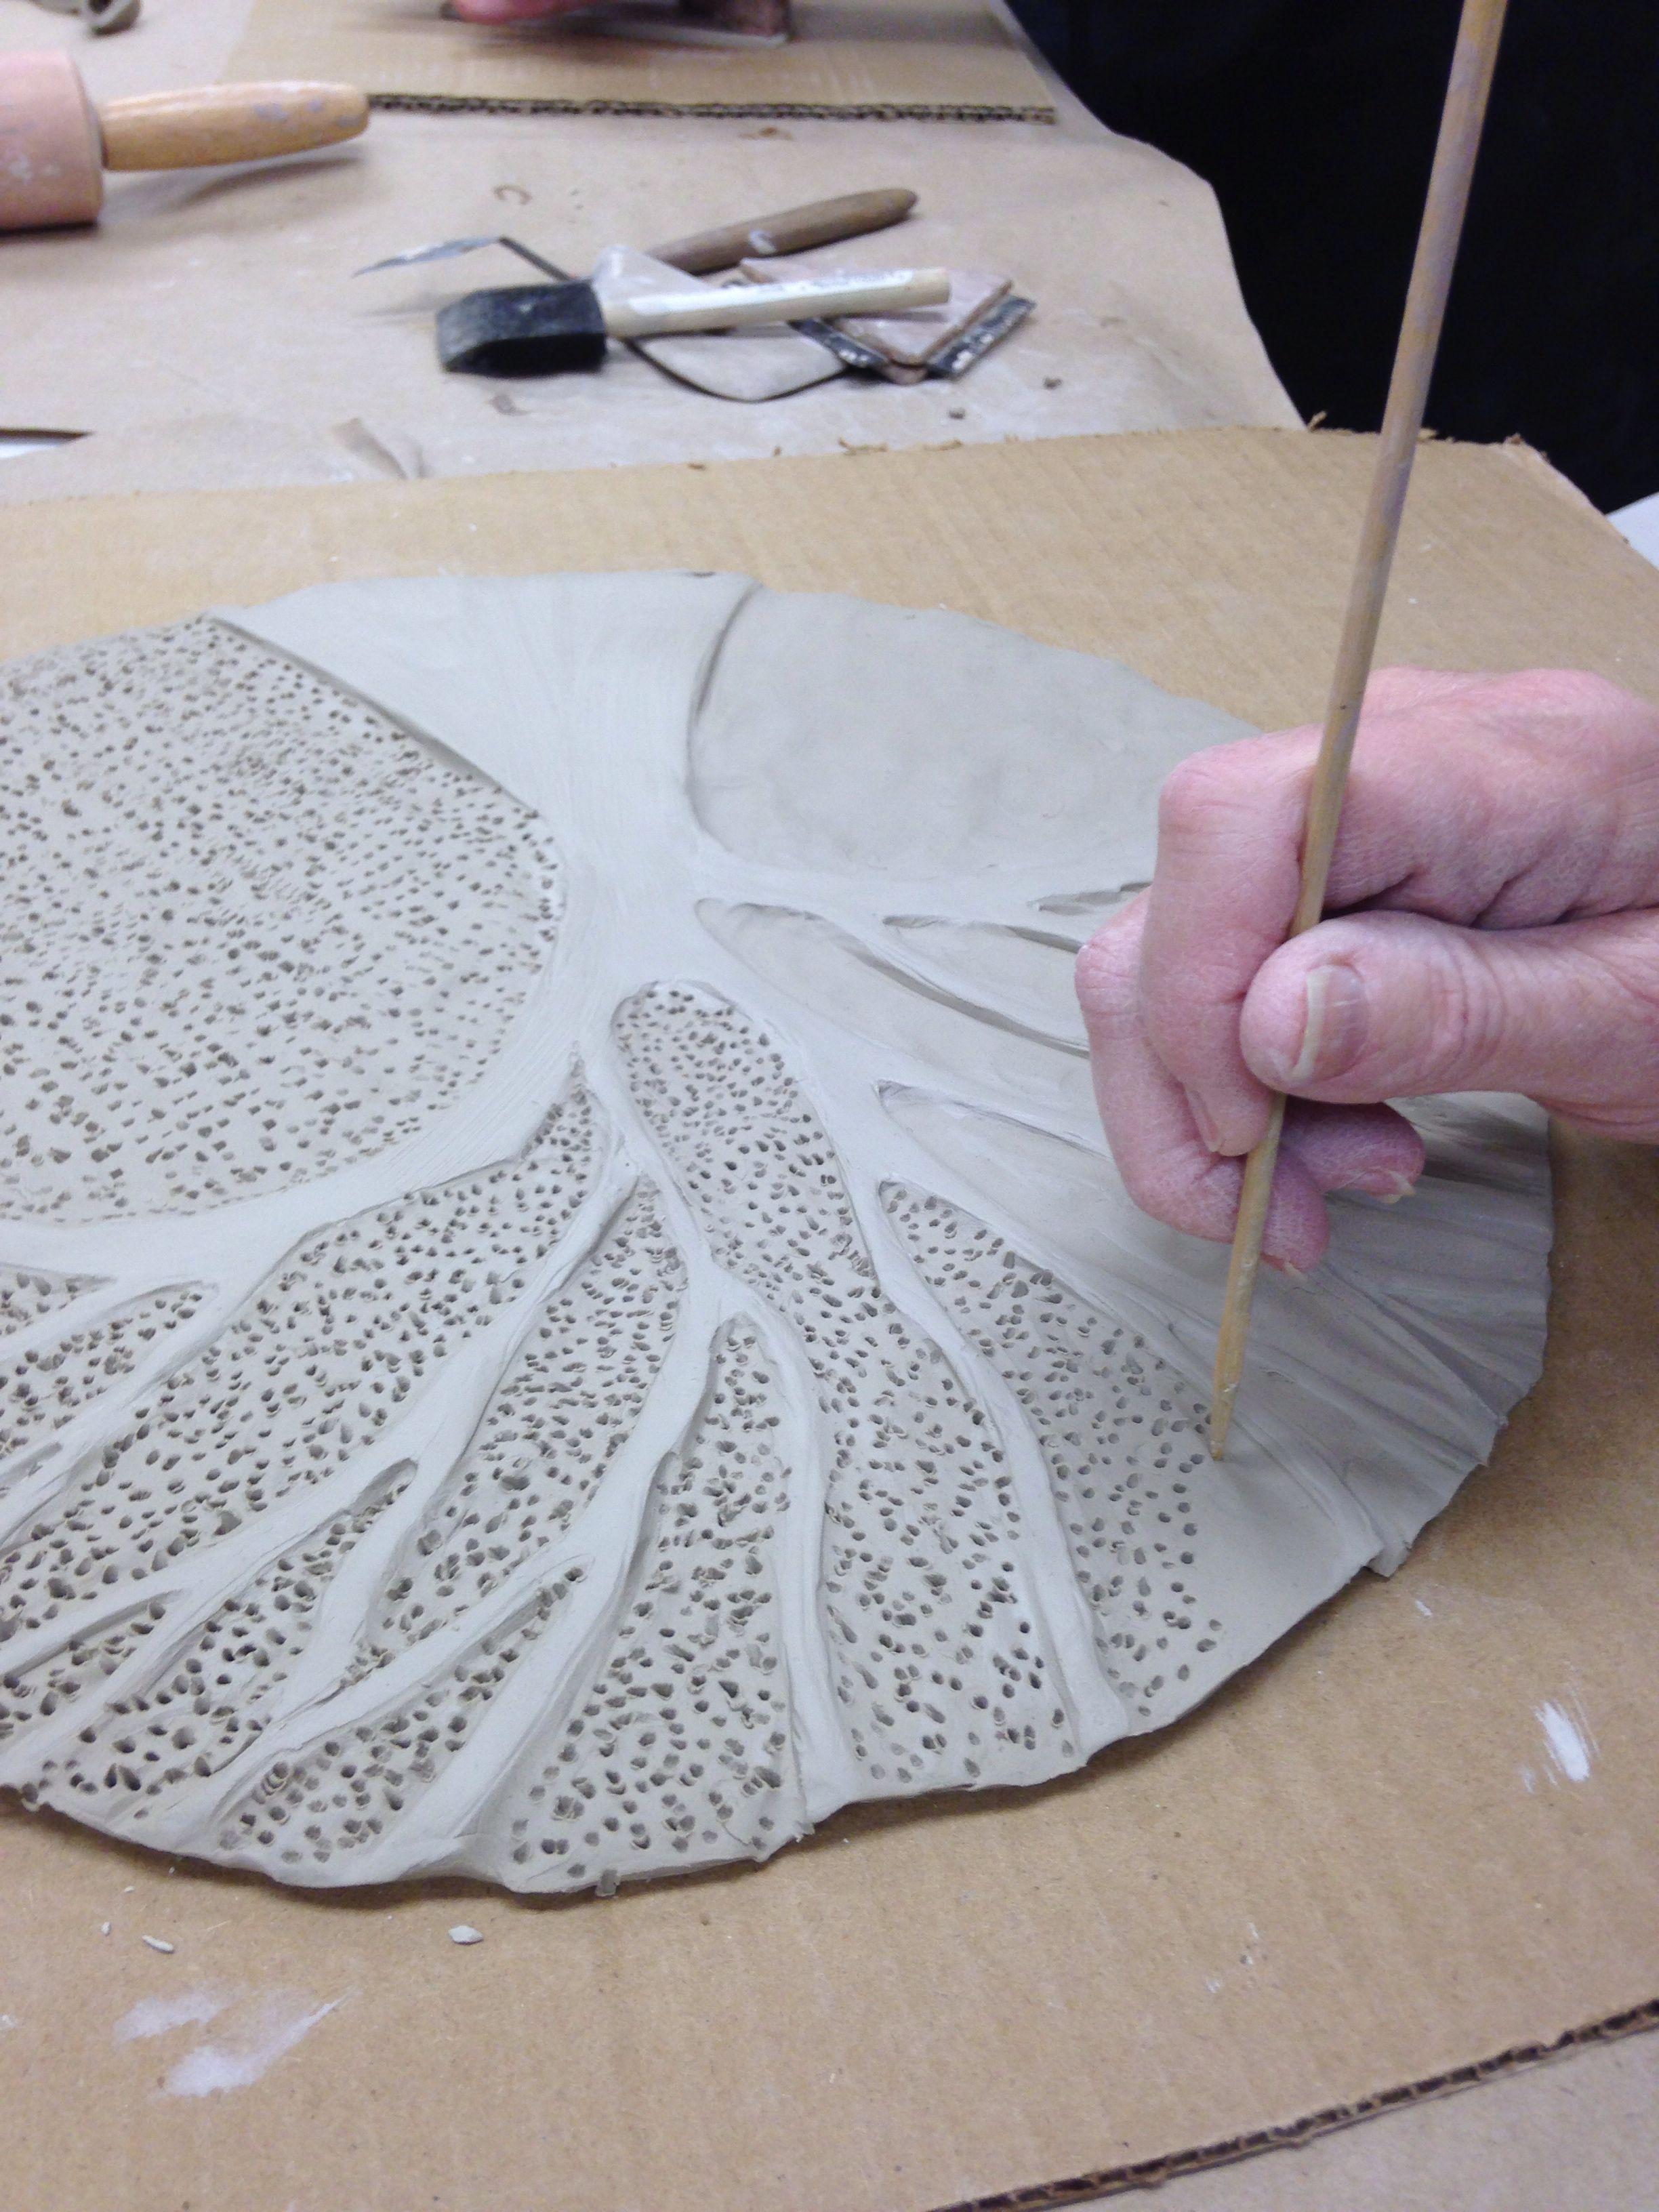 ArtEscape pottery class #potteryclasses